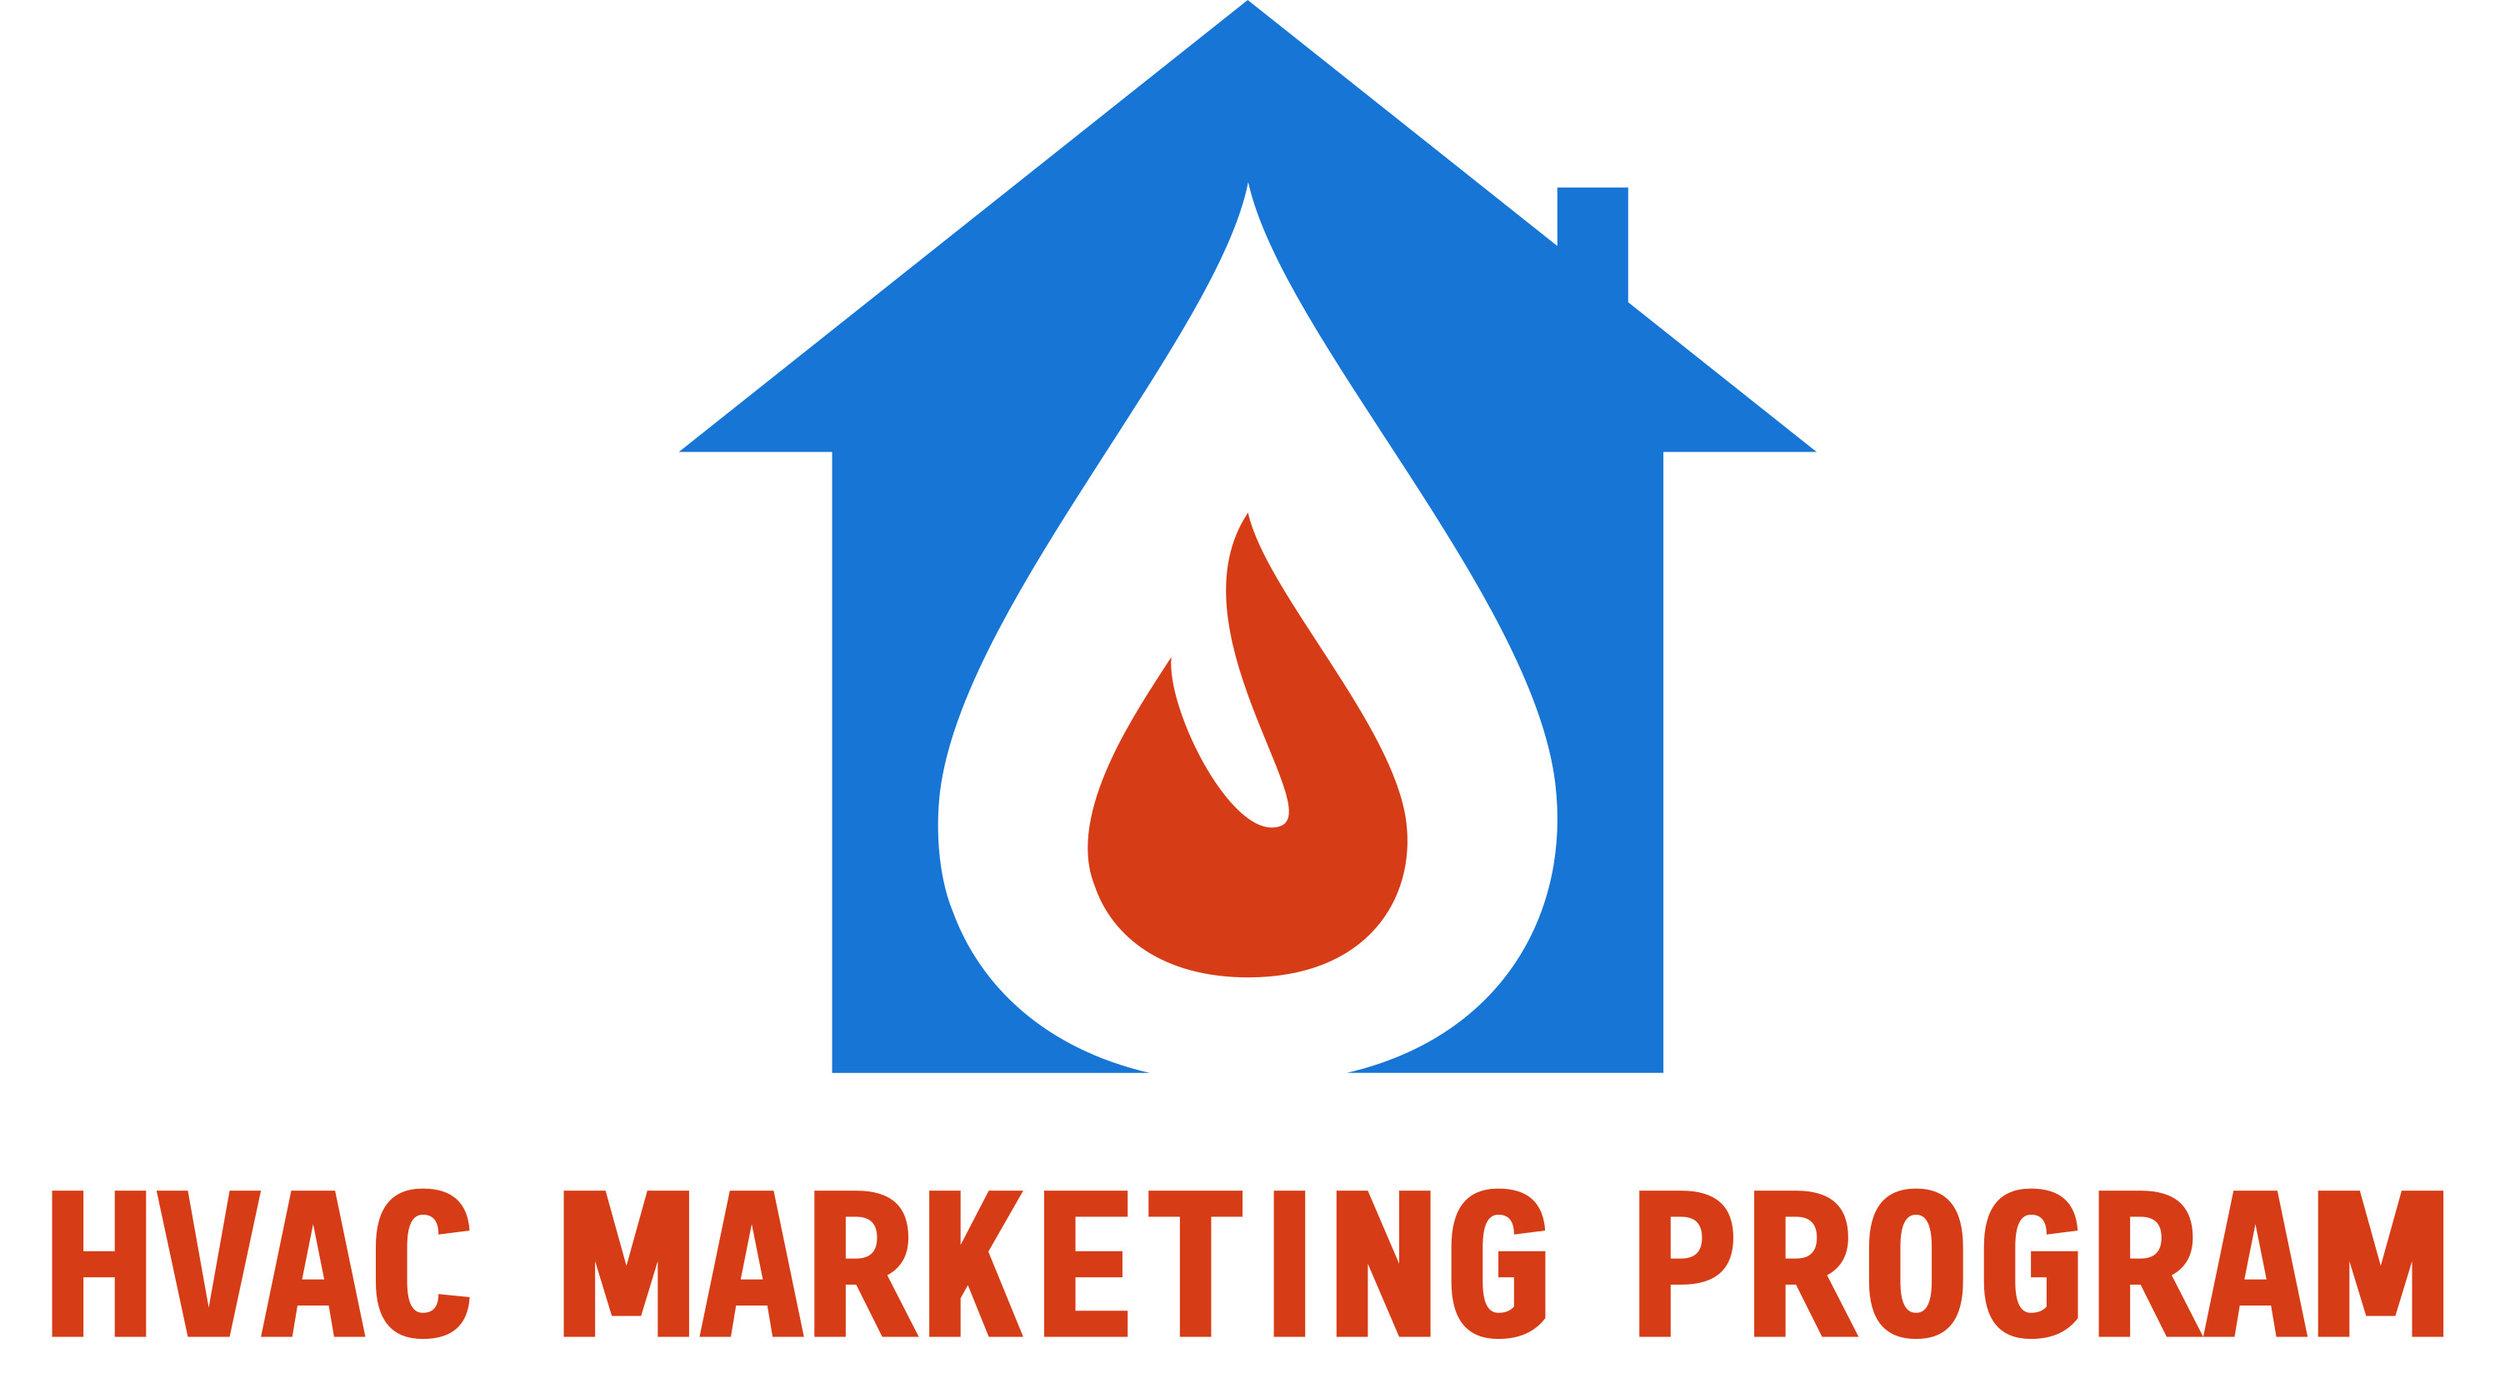 HVAC Marketing Program